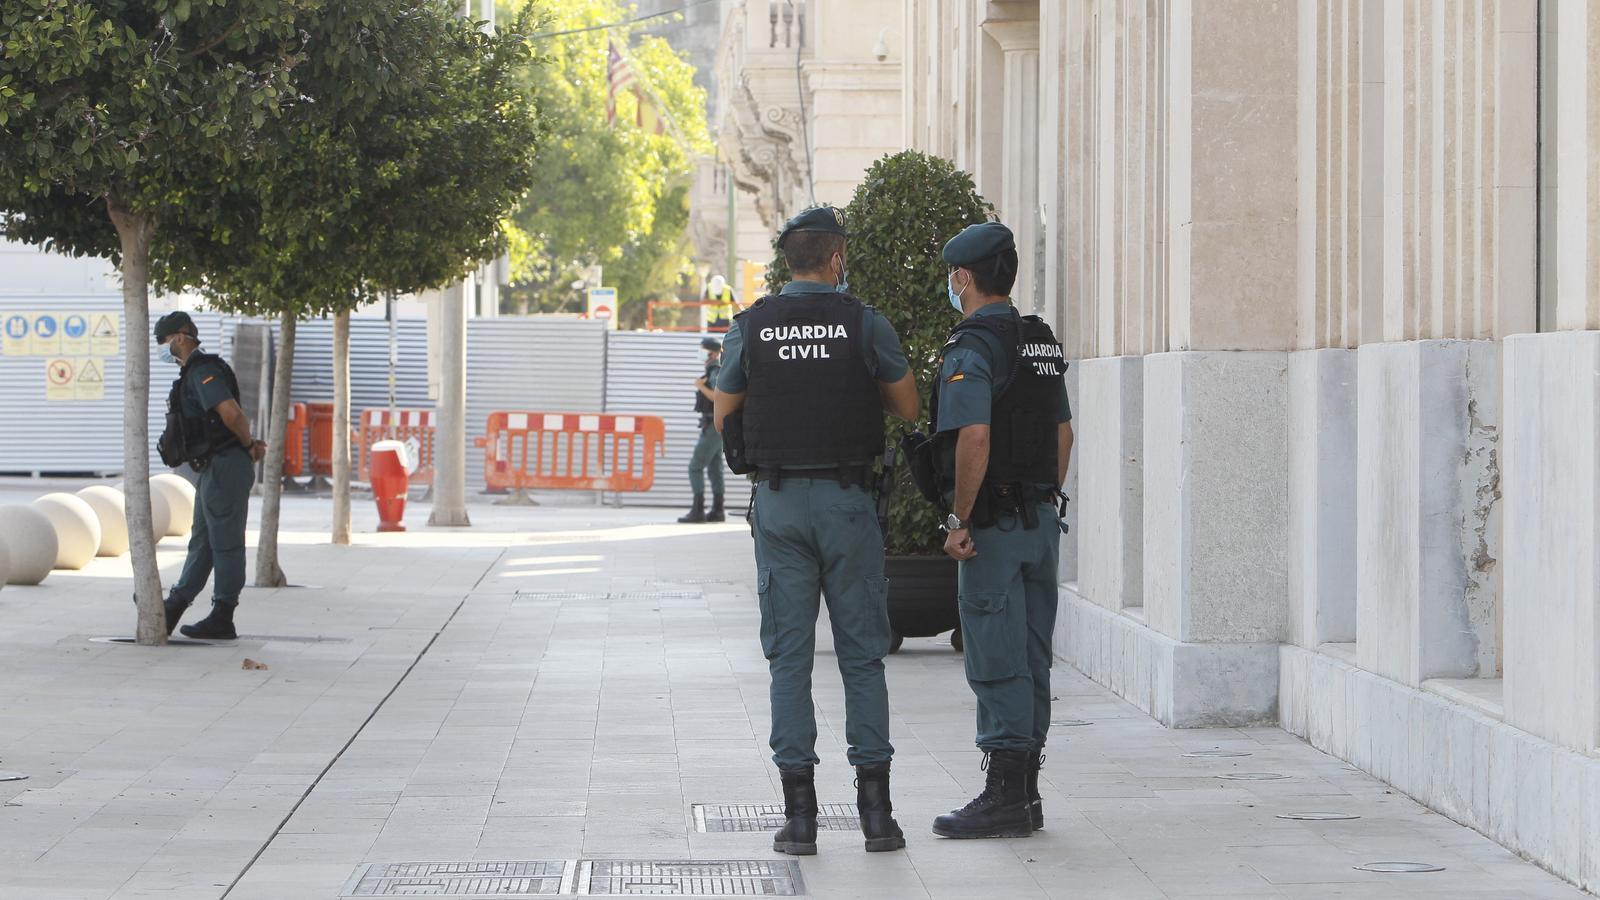 Efectius de la Guàrdia Civil./ ARXIU